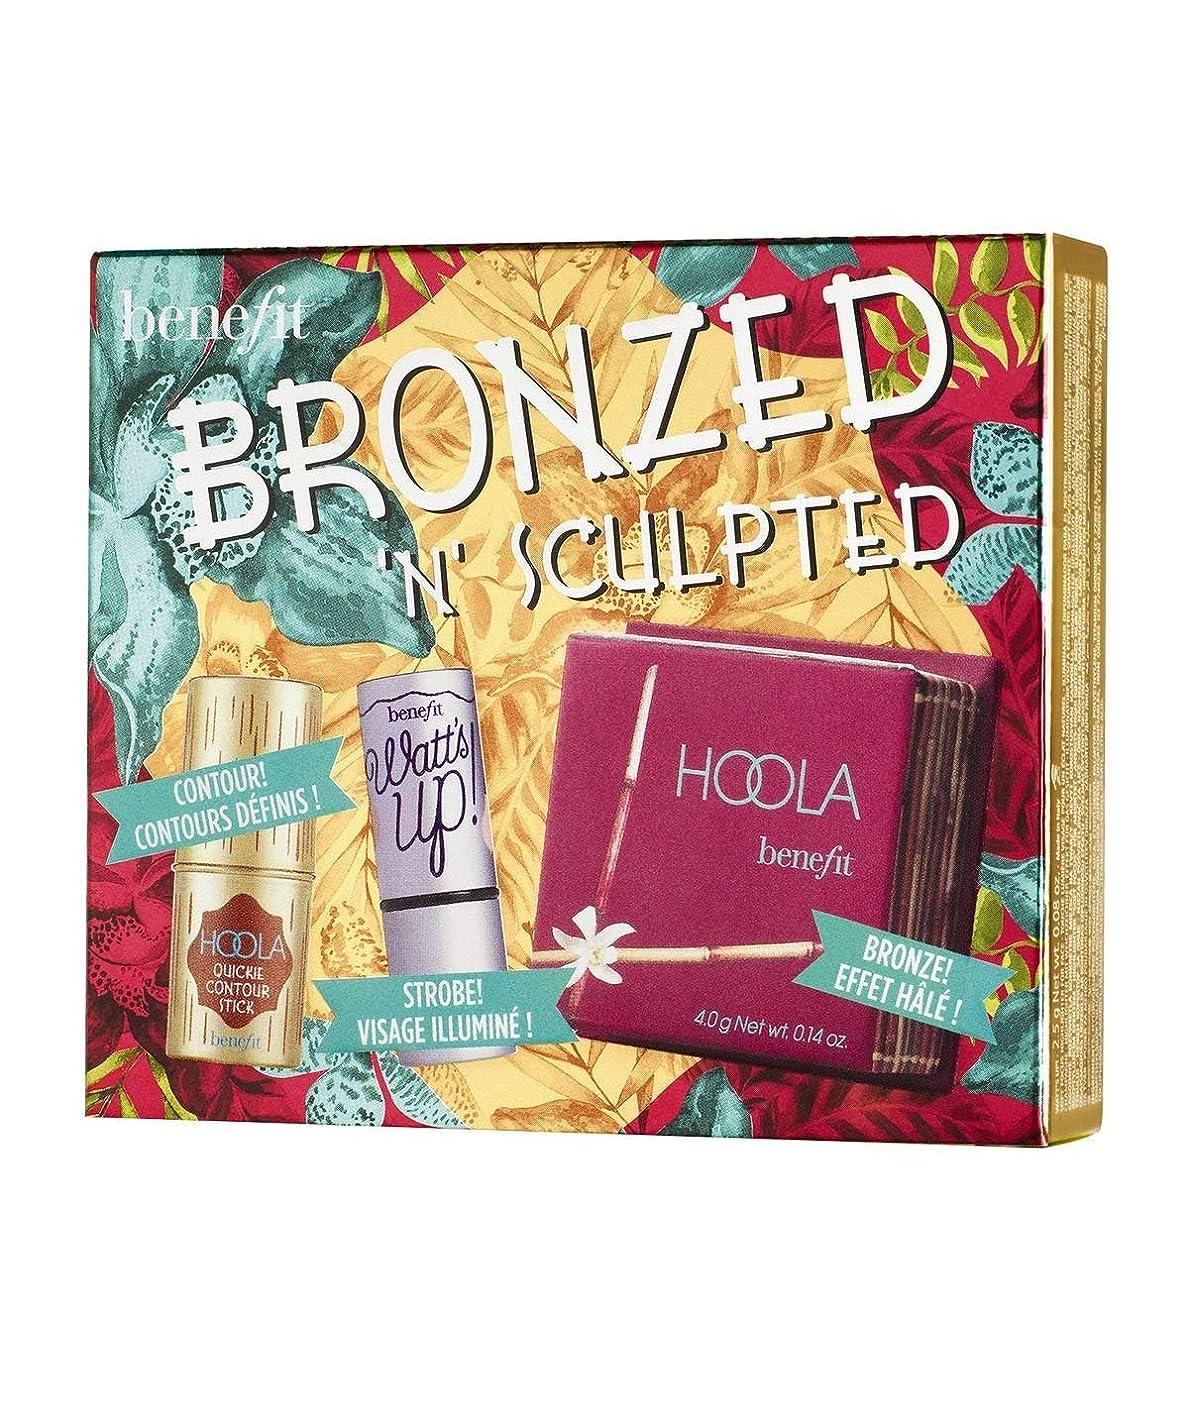 突き刺す不明瞭接続詞Benefit Bronzed 'N' Sculpted Kit, Hoola Matte Powder, Watt's Up, Hoola Quickie Contour Stick [並行輸入品]